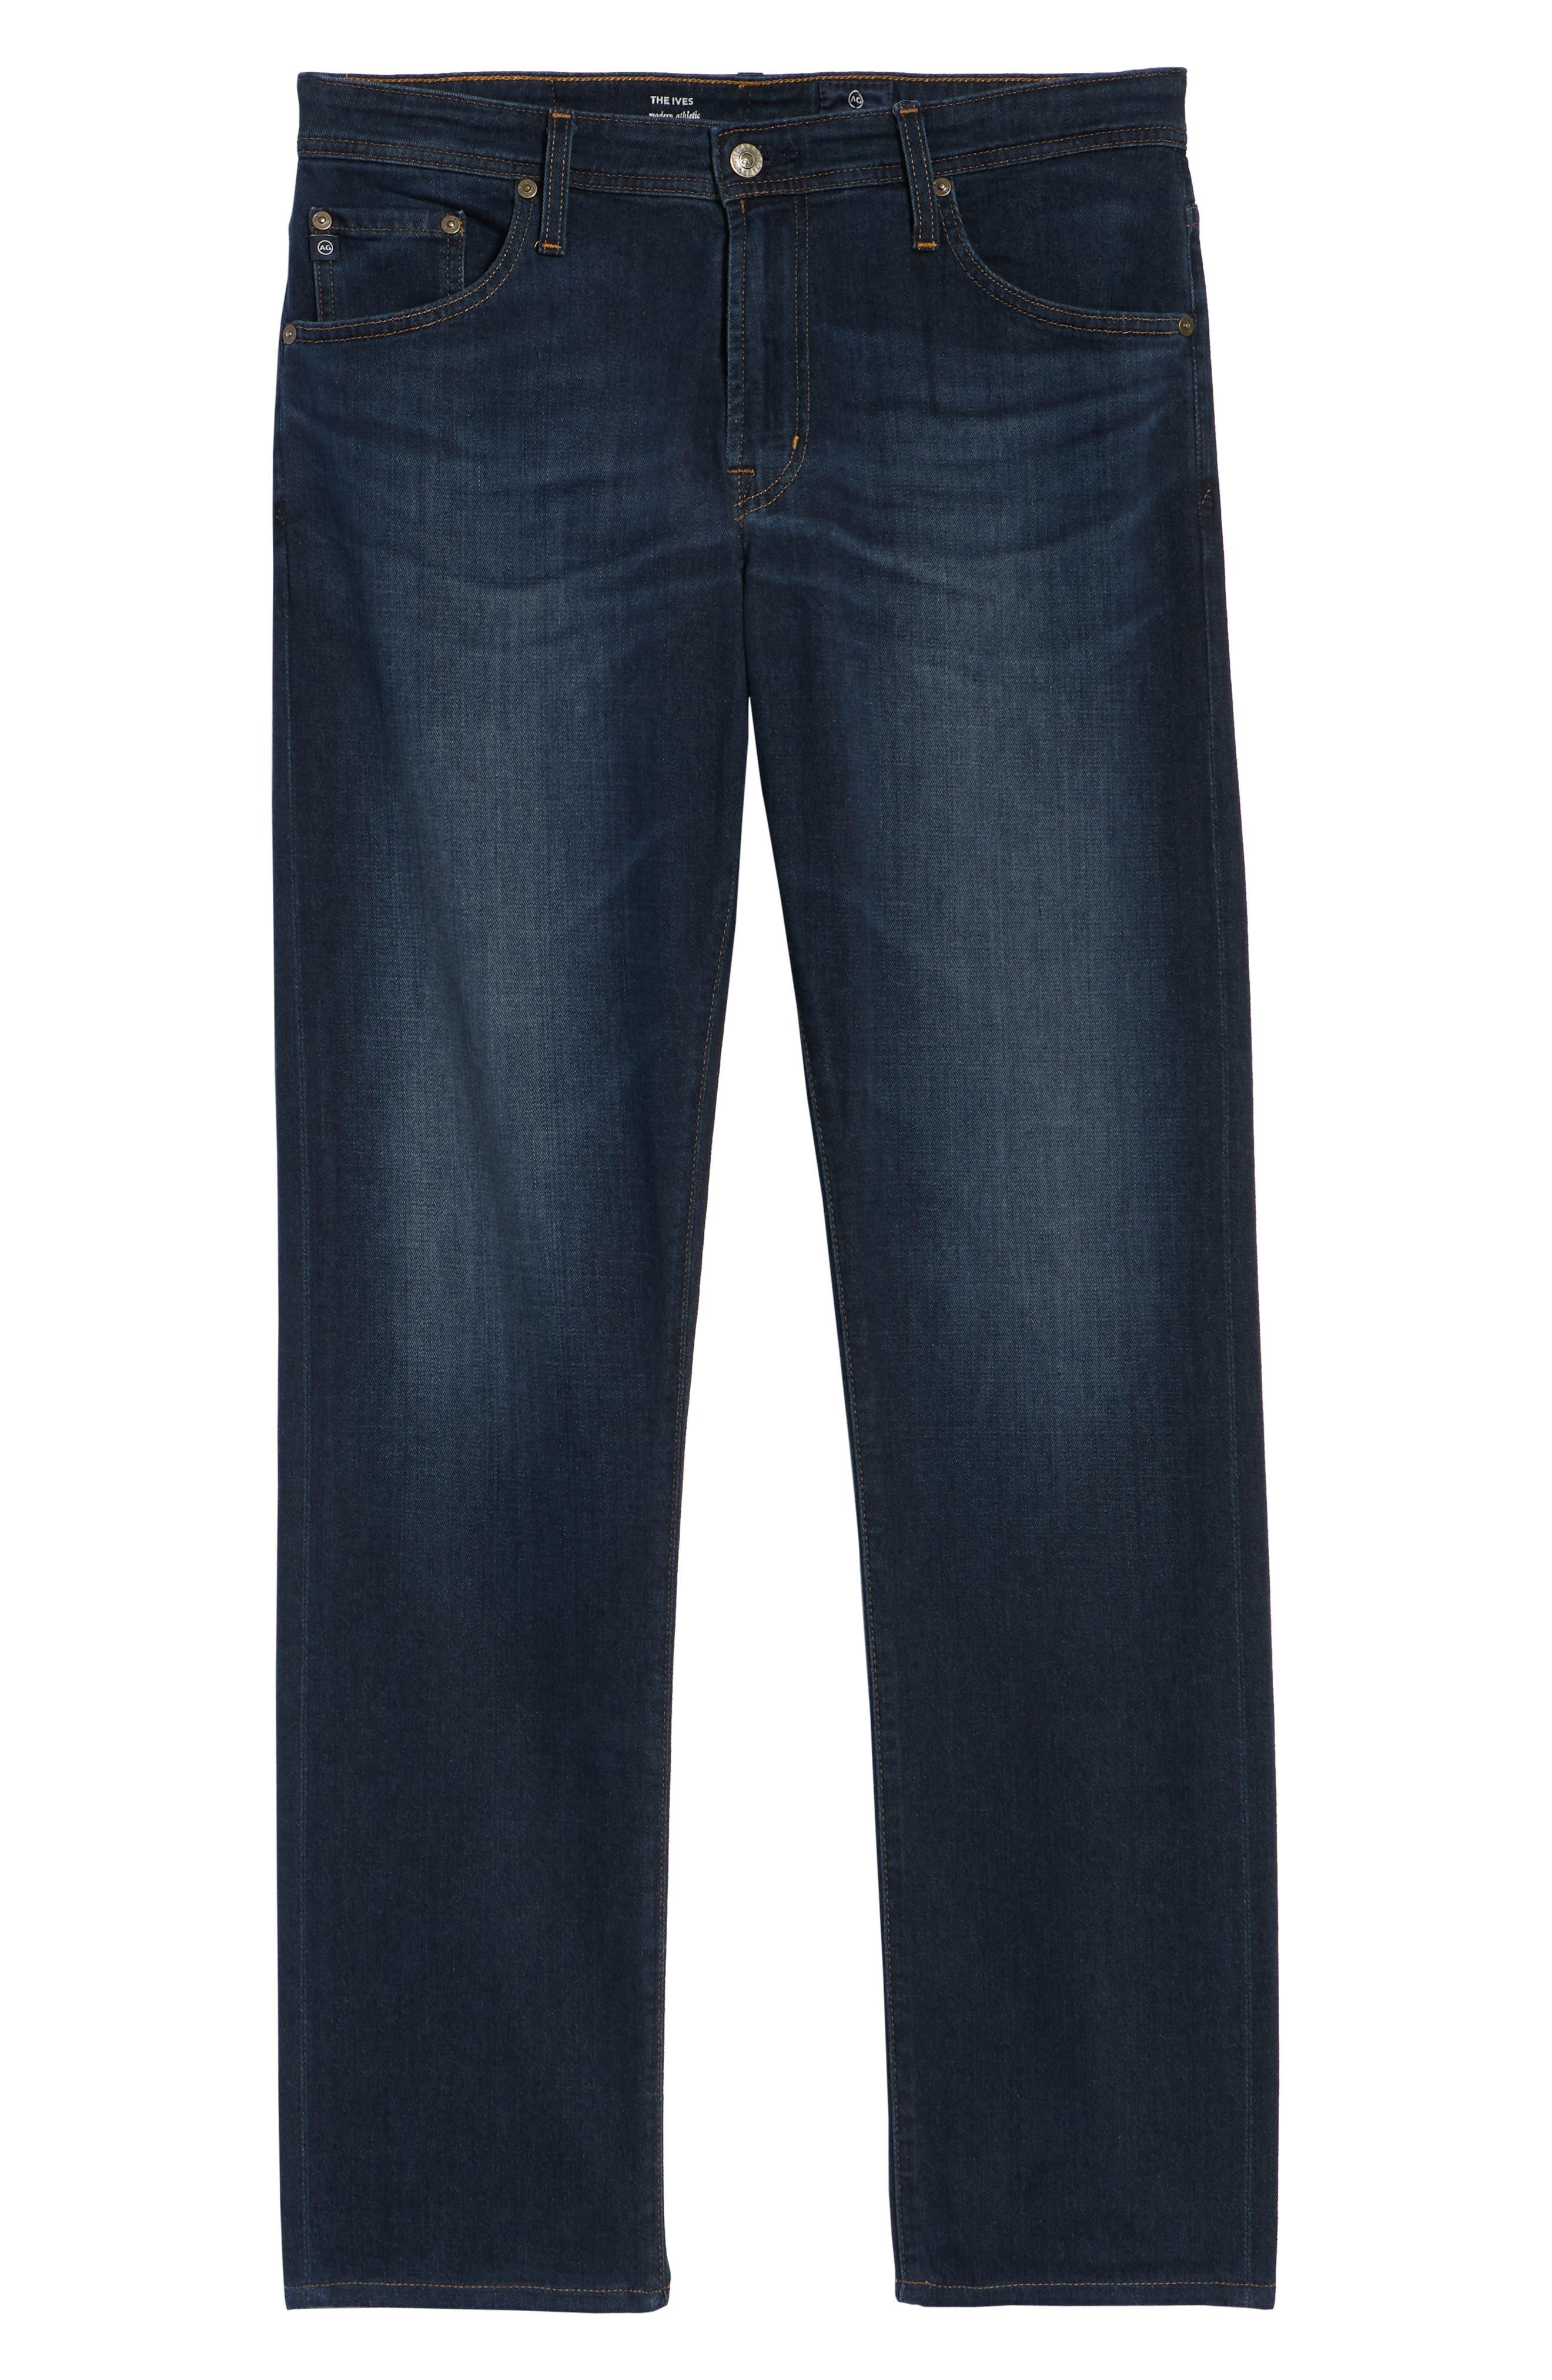 Ives Straight Leg Jeans,                             Alternate thumbnail 6, color,                             COVET